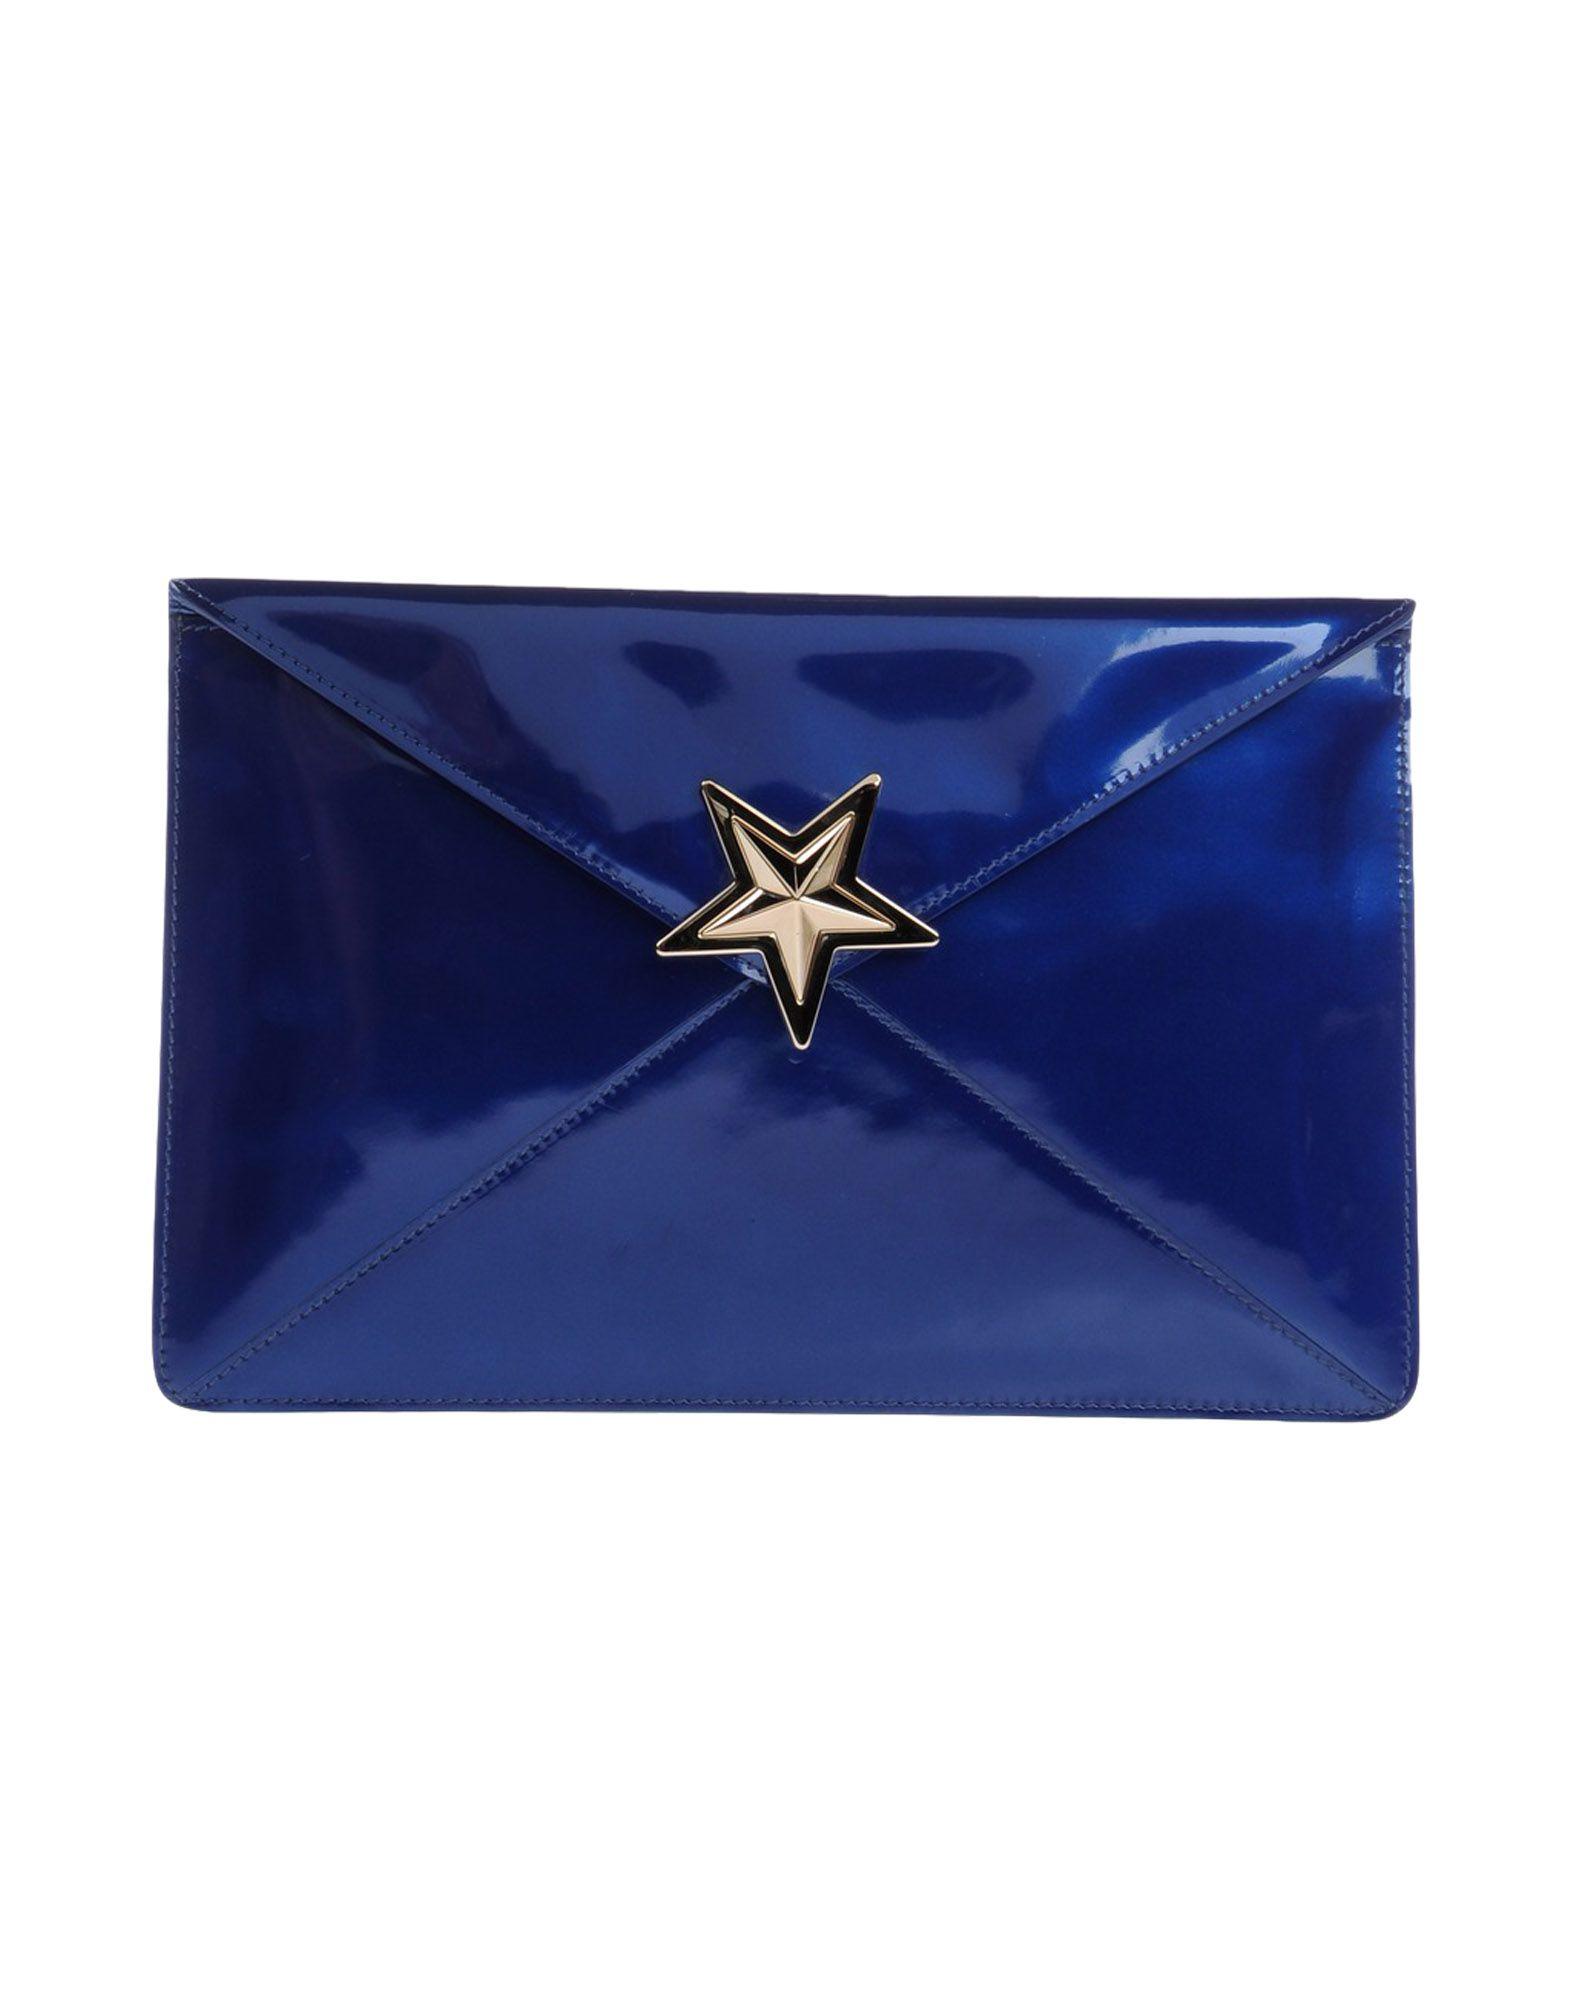 《送料無料》RED(V) レディース ハンドバッグ ブルー 革